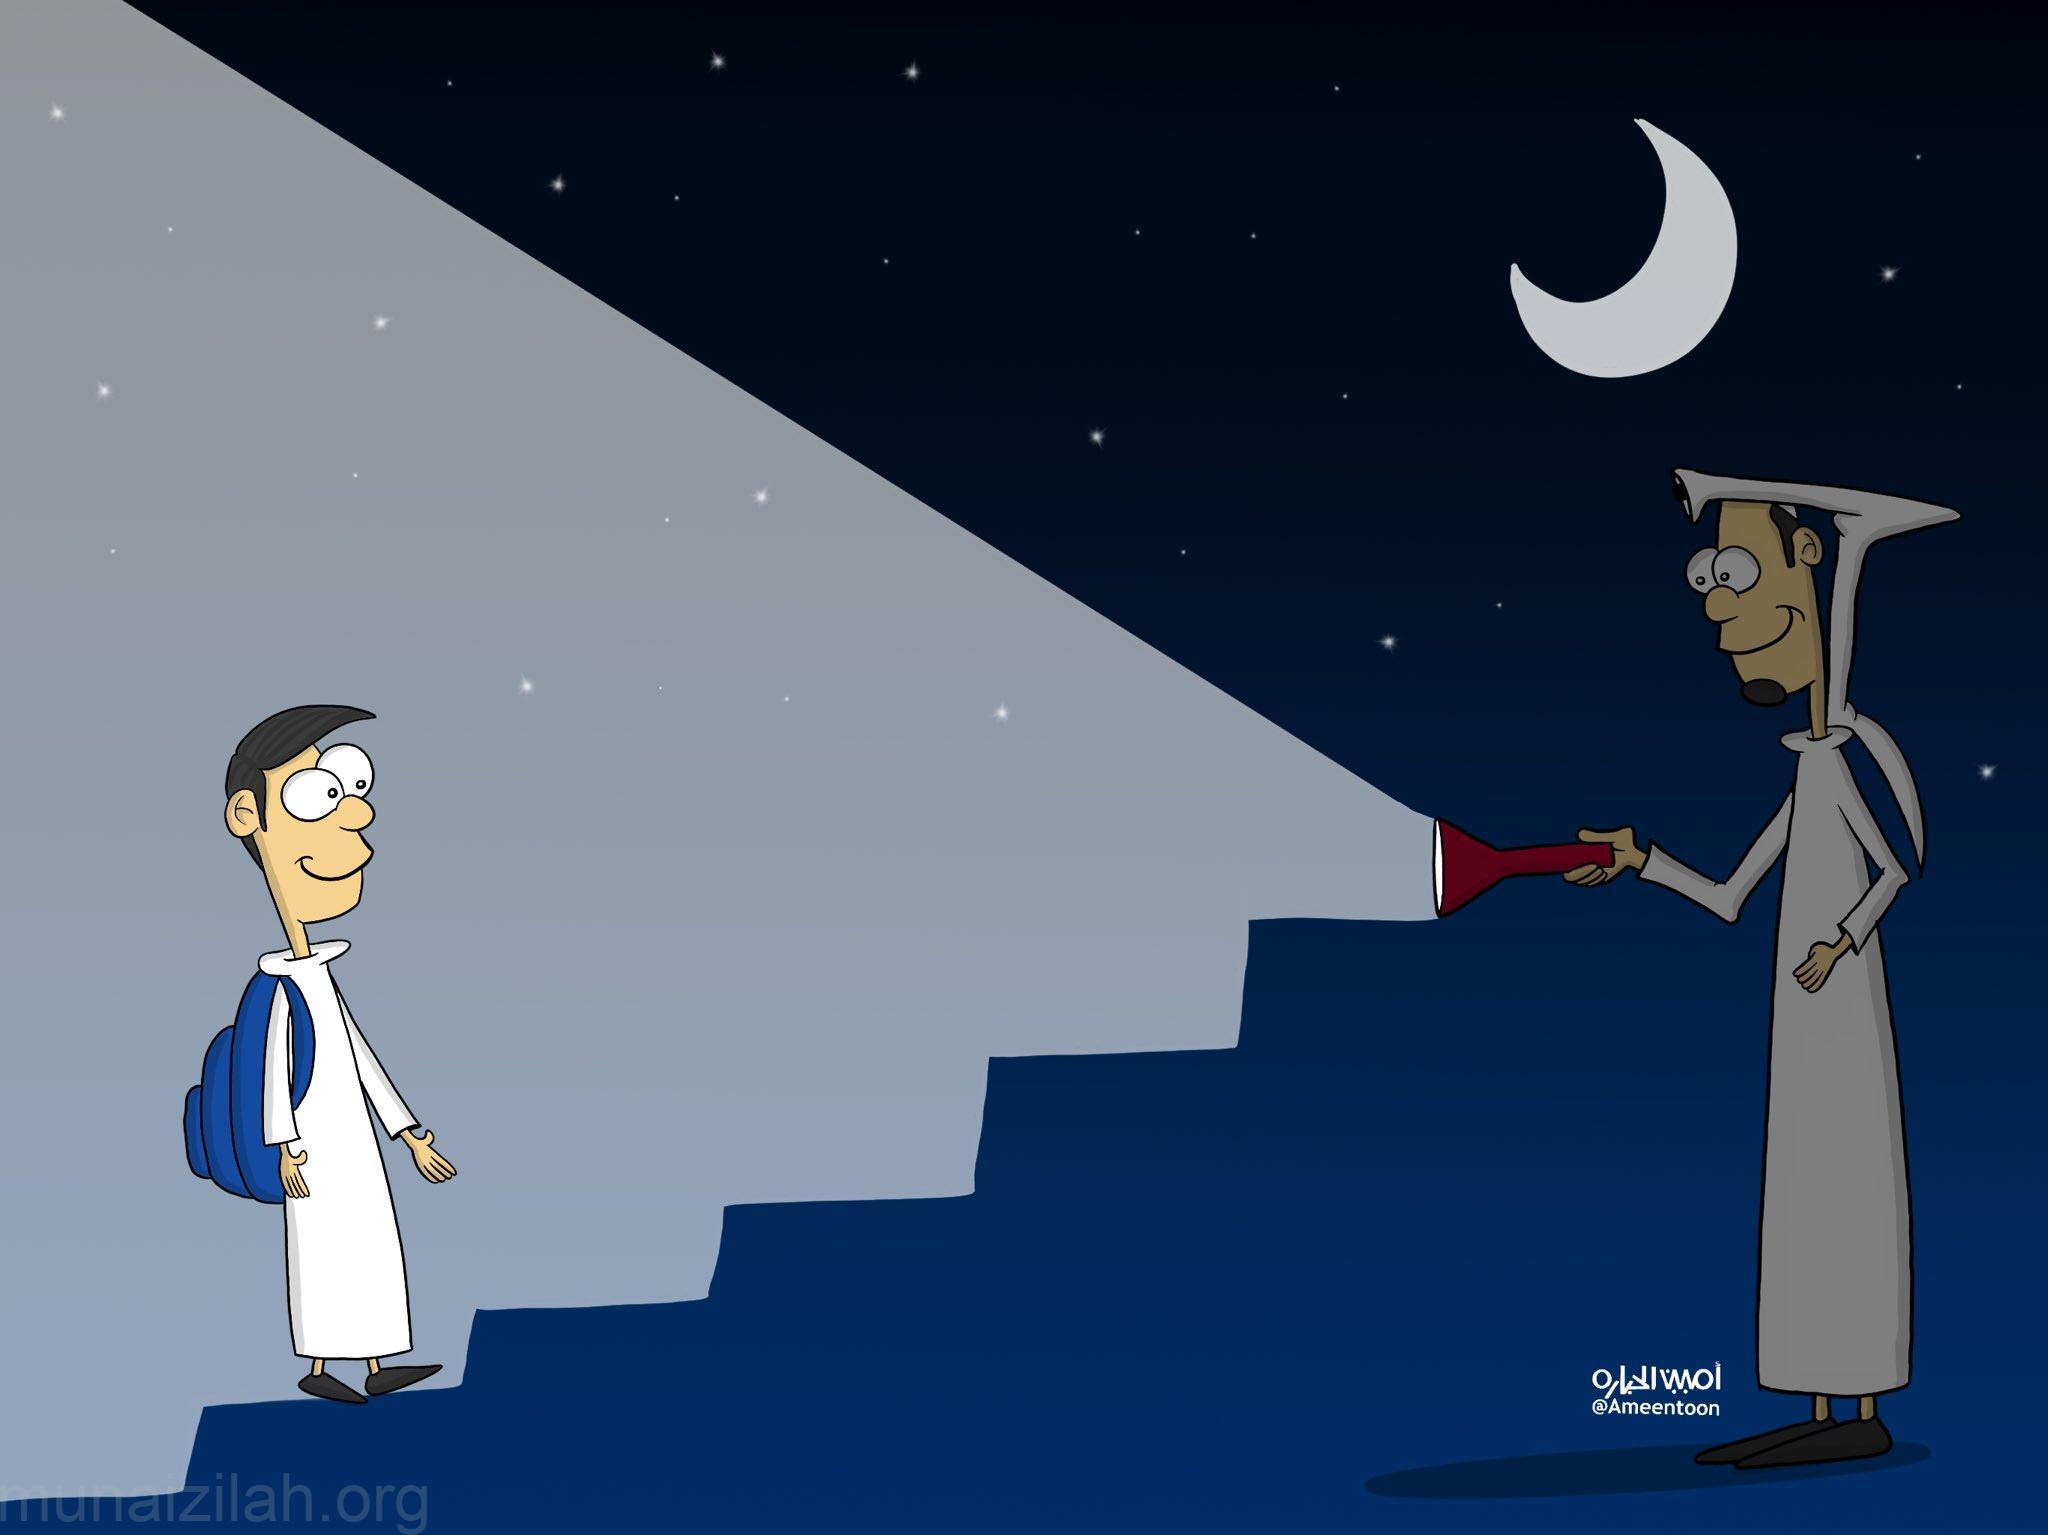 كاريكاتير #اليوم_العالمي_للمعلم